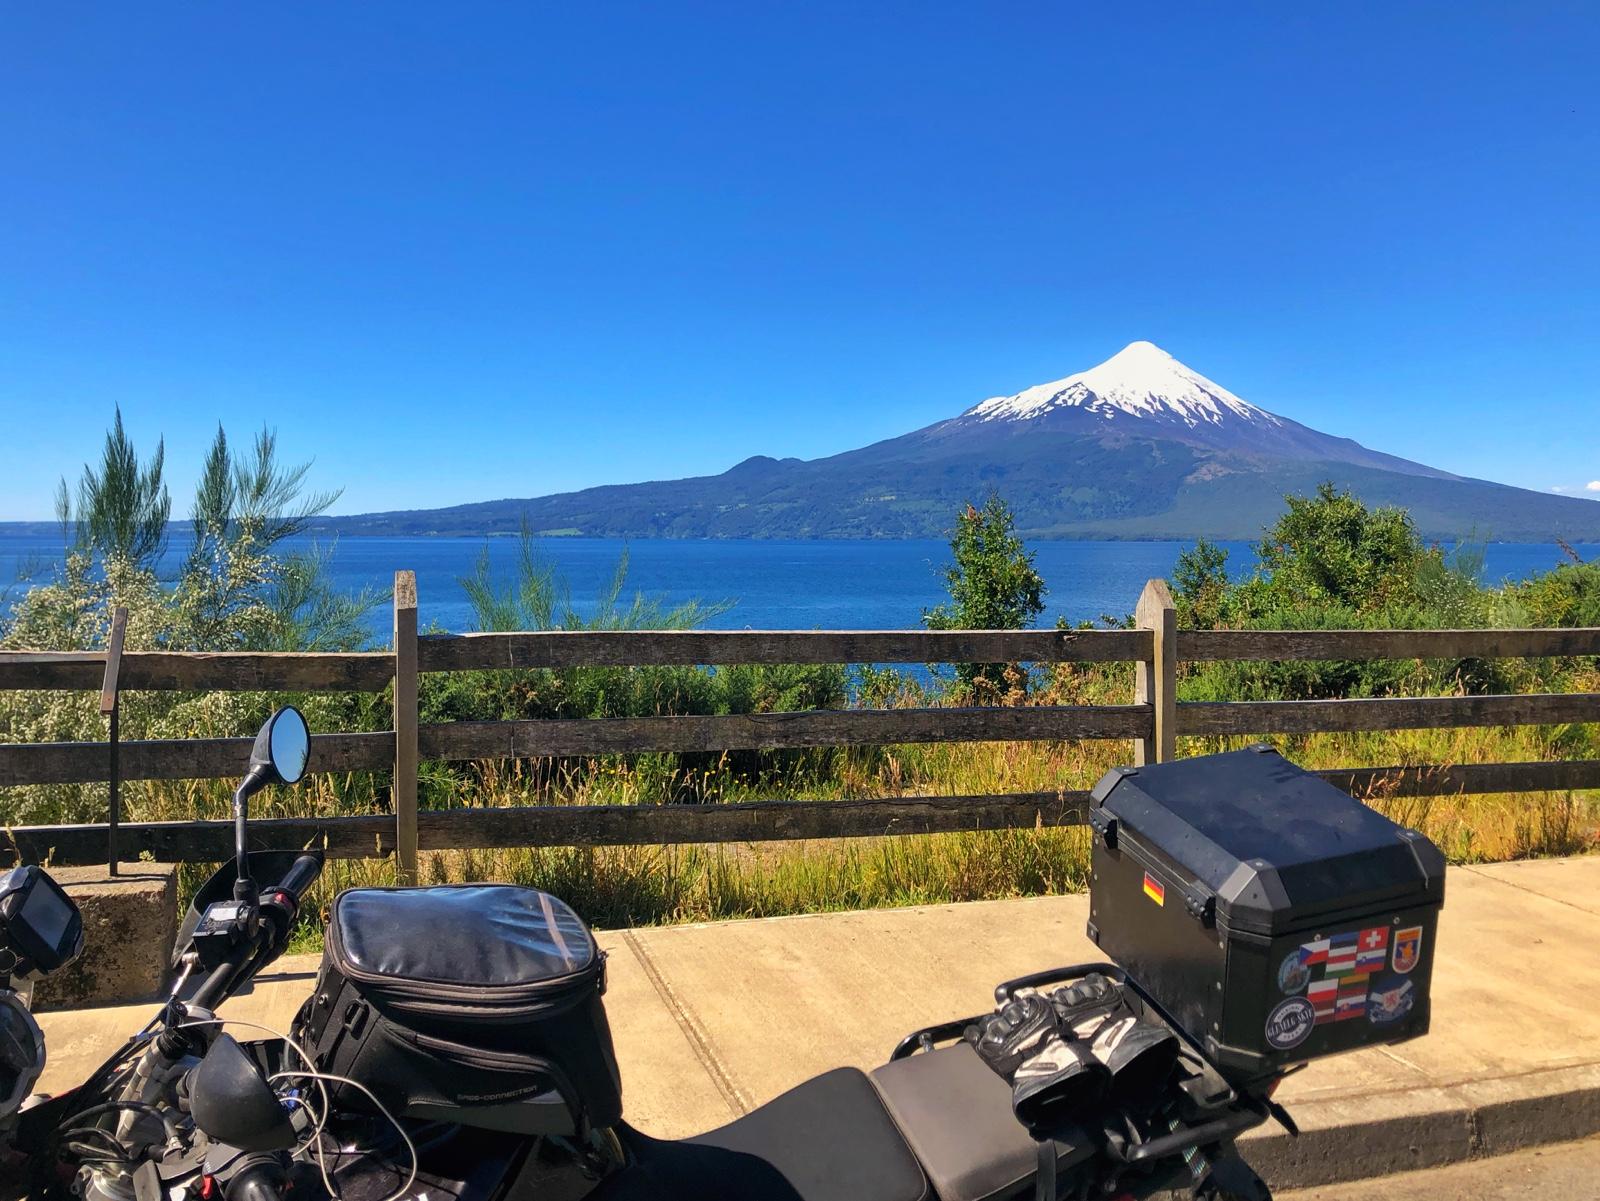 Der Osorno von der anderen Seite des Sees